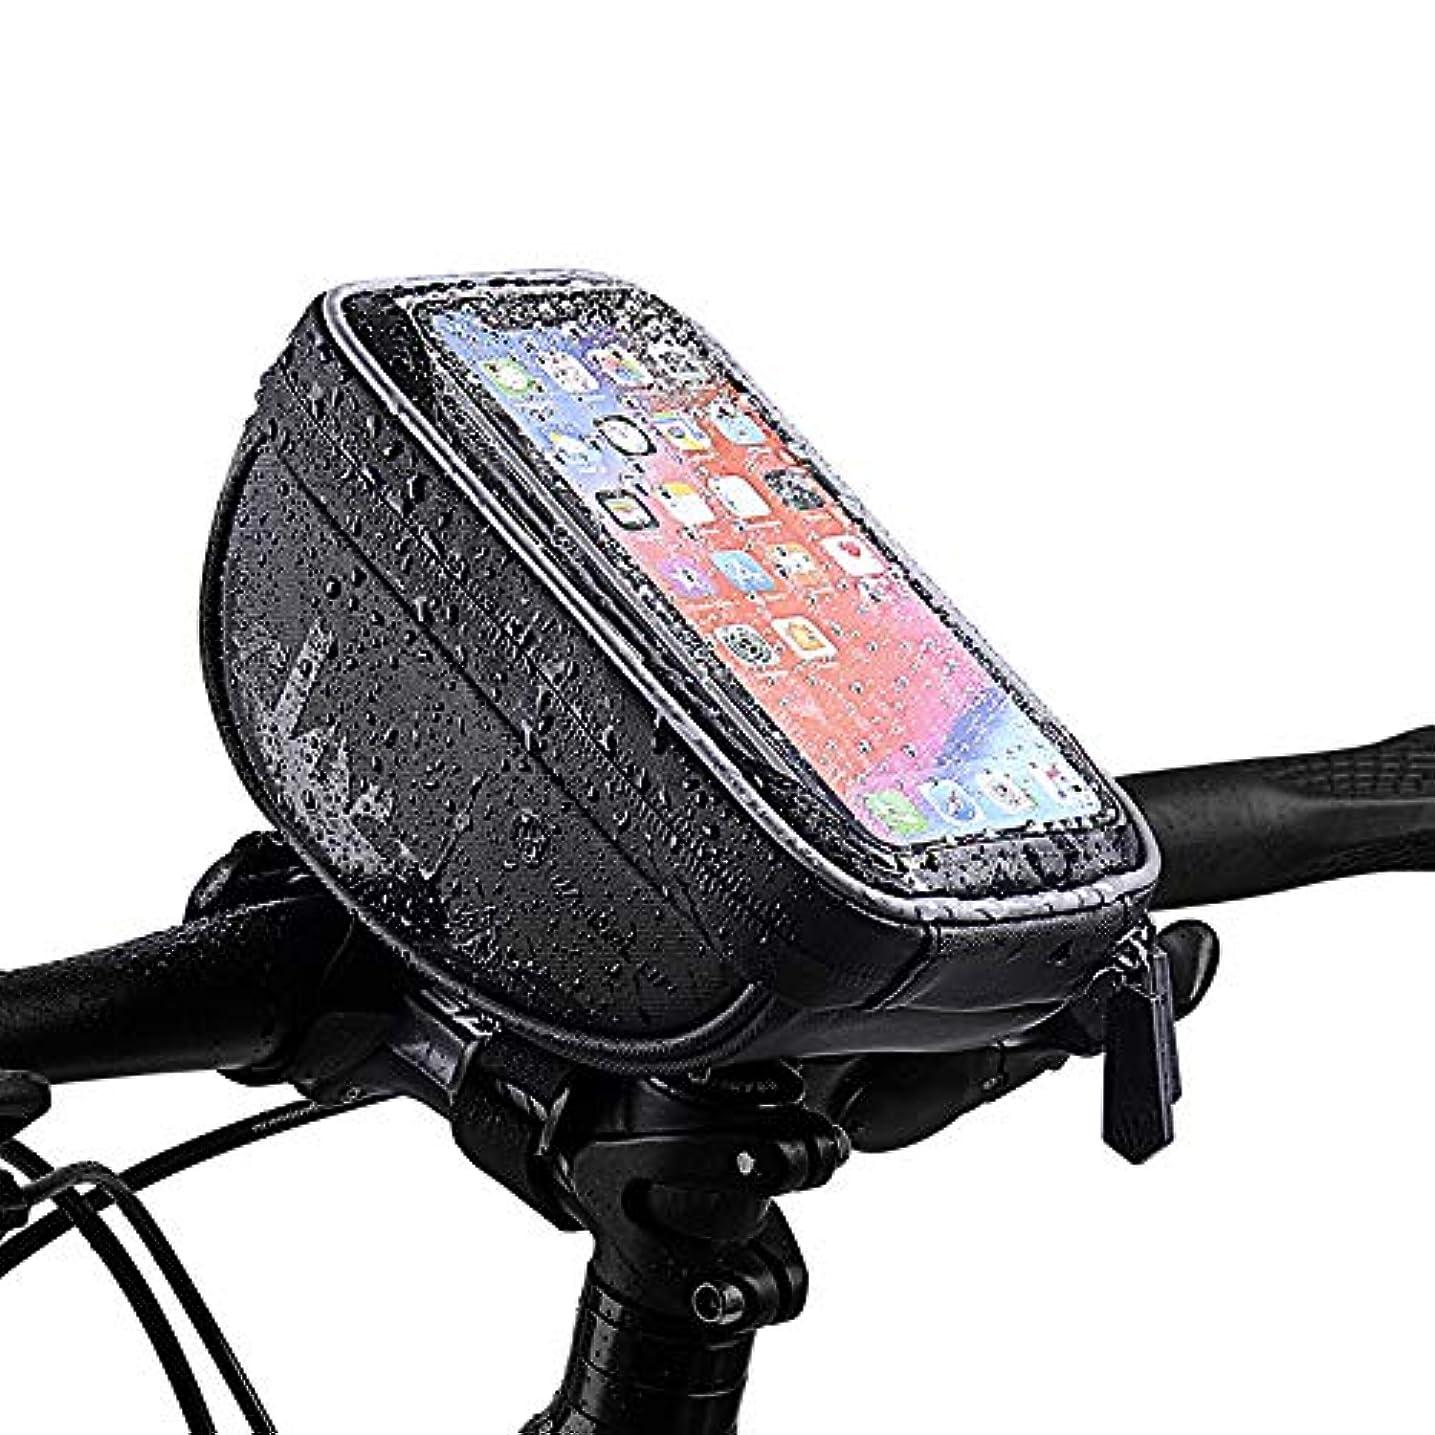 新年ピアニスト地中海自転車フレームバッグ、6.0以下の携帯電話に適した防水タッチスクリーン自転車フロント携帯電話フレームパッケージブラケット、